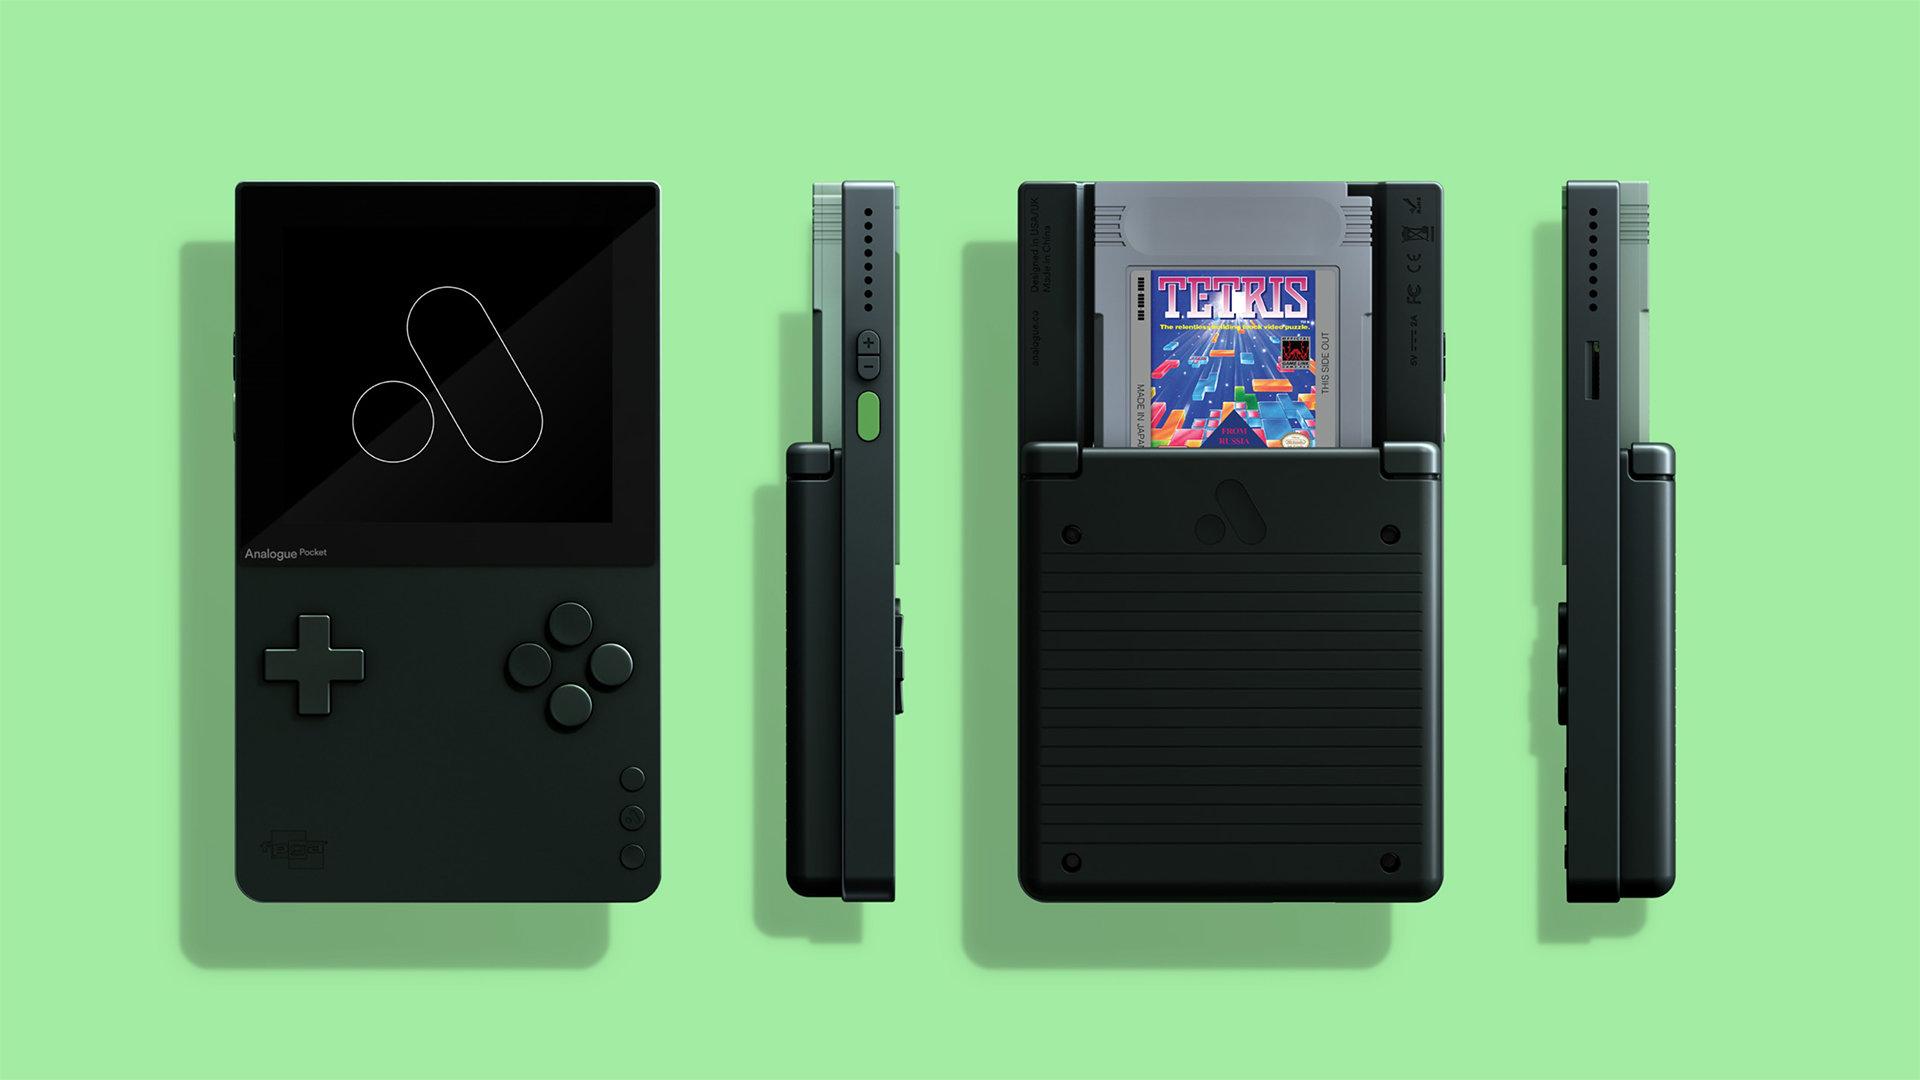 Analogue Pocket : console portable haut de gamme pour cartouches BG, GBC, GBA et + 1571339127-dims